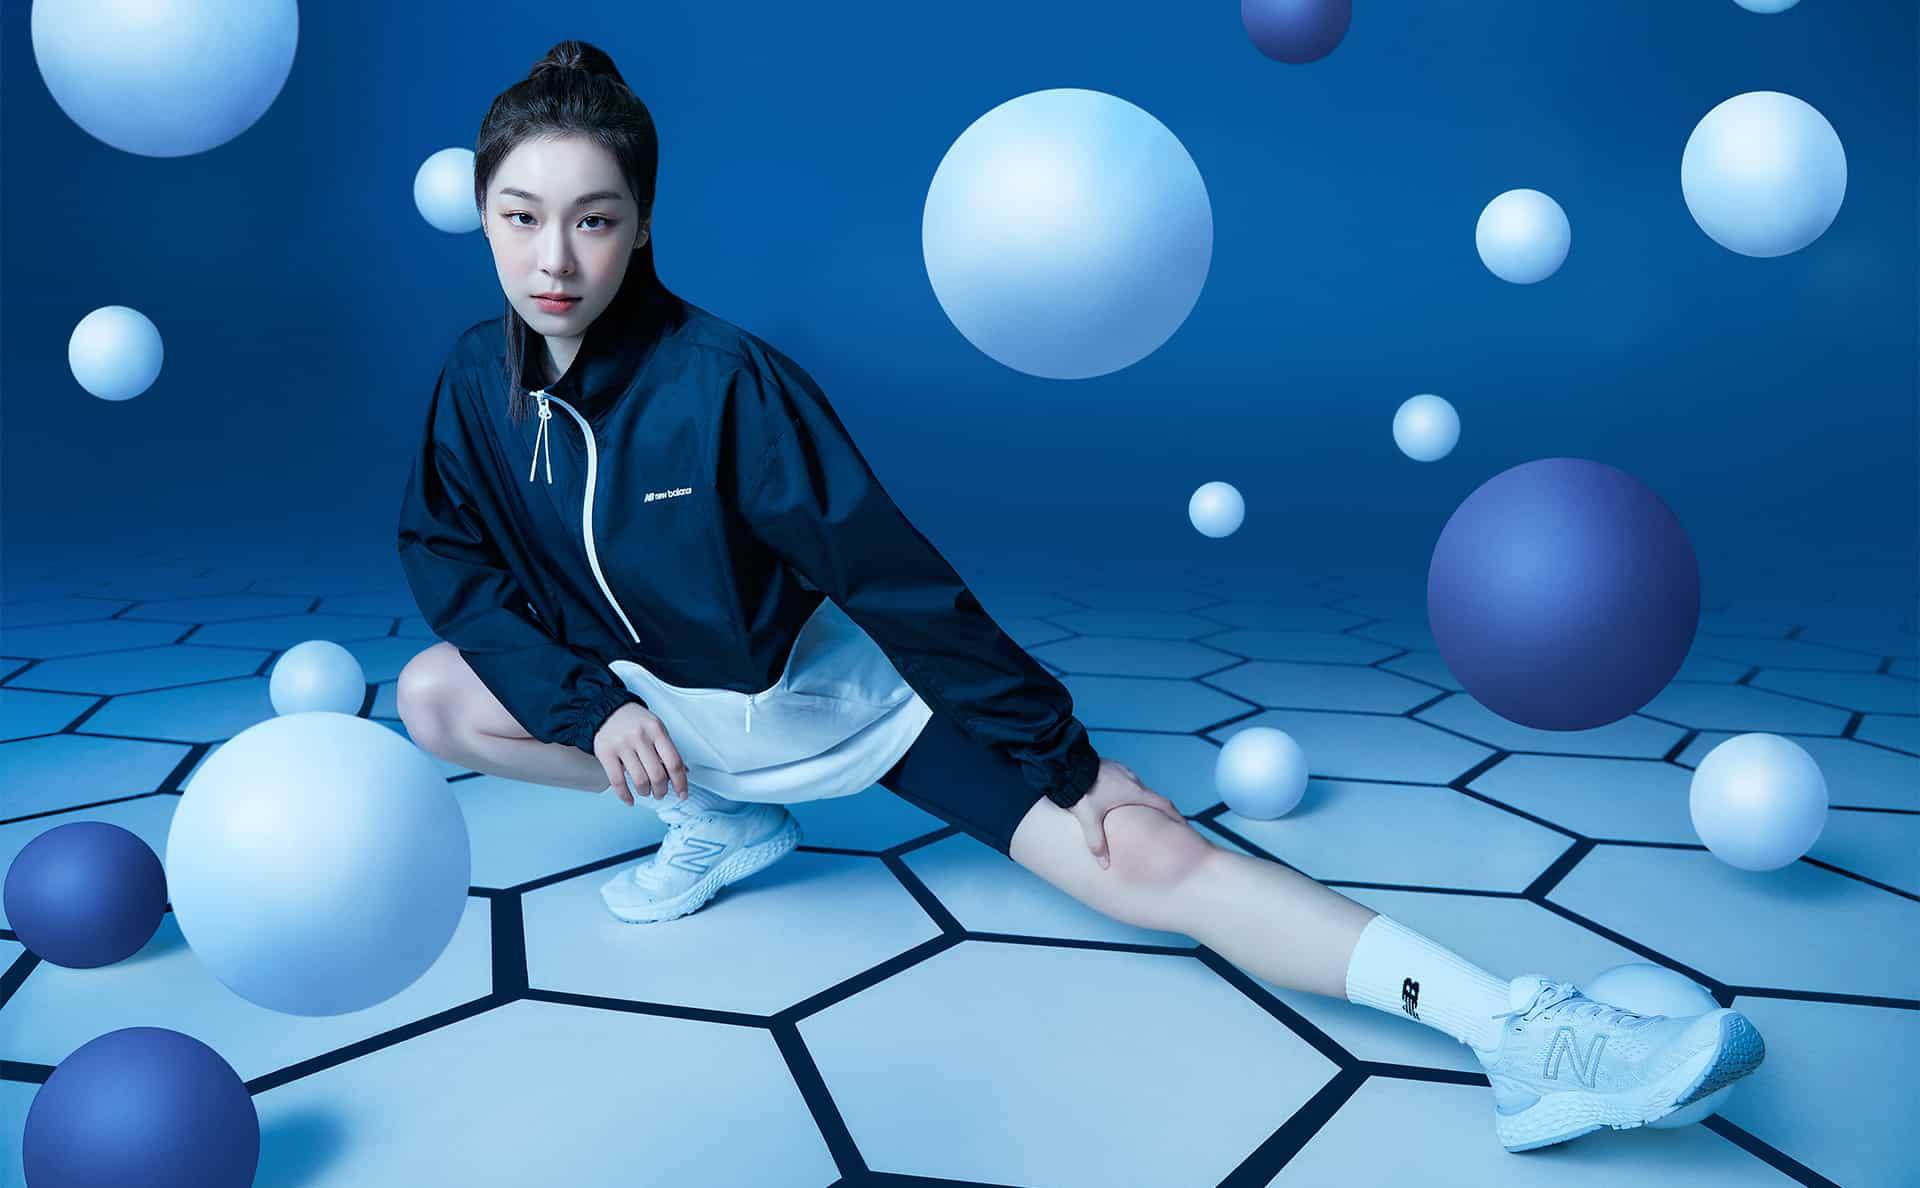 뉴발란스 화보 - 김연아와 딱 어울리는 런닝 패션